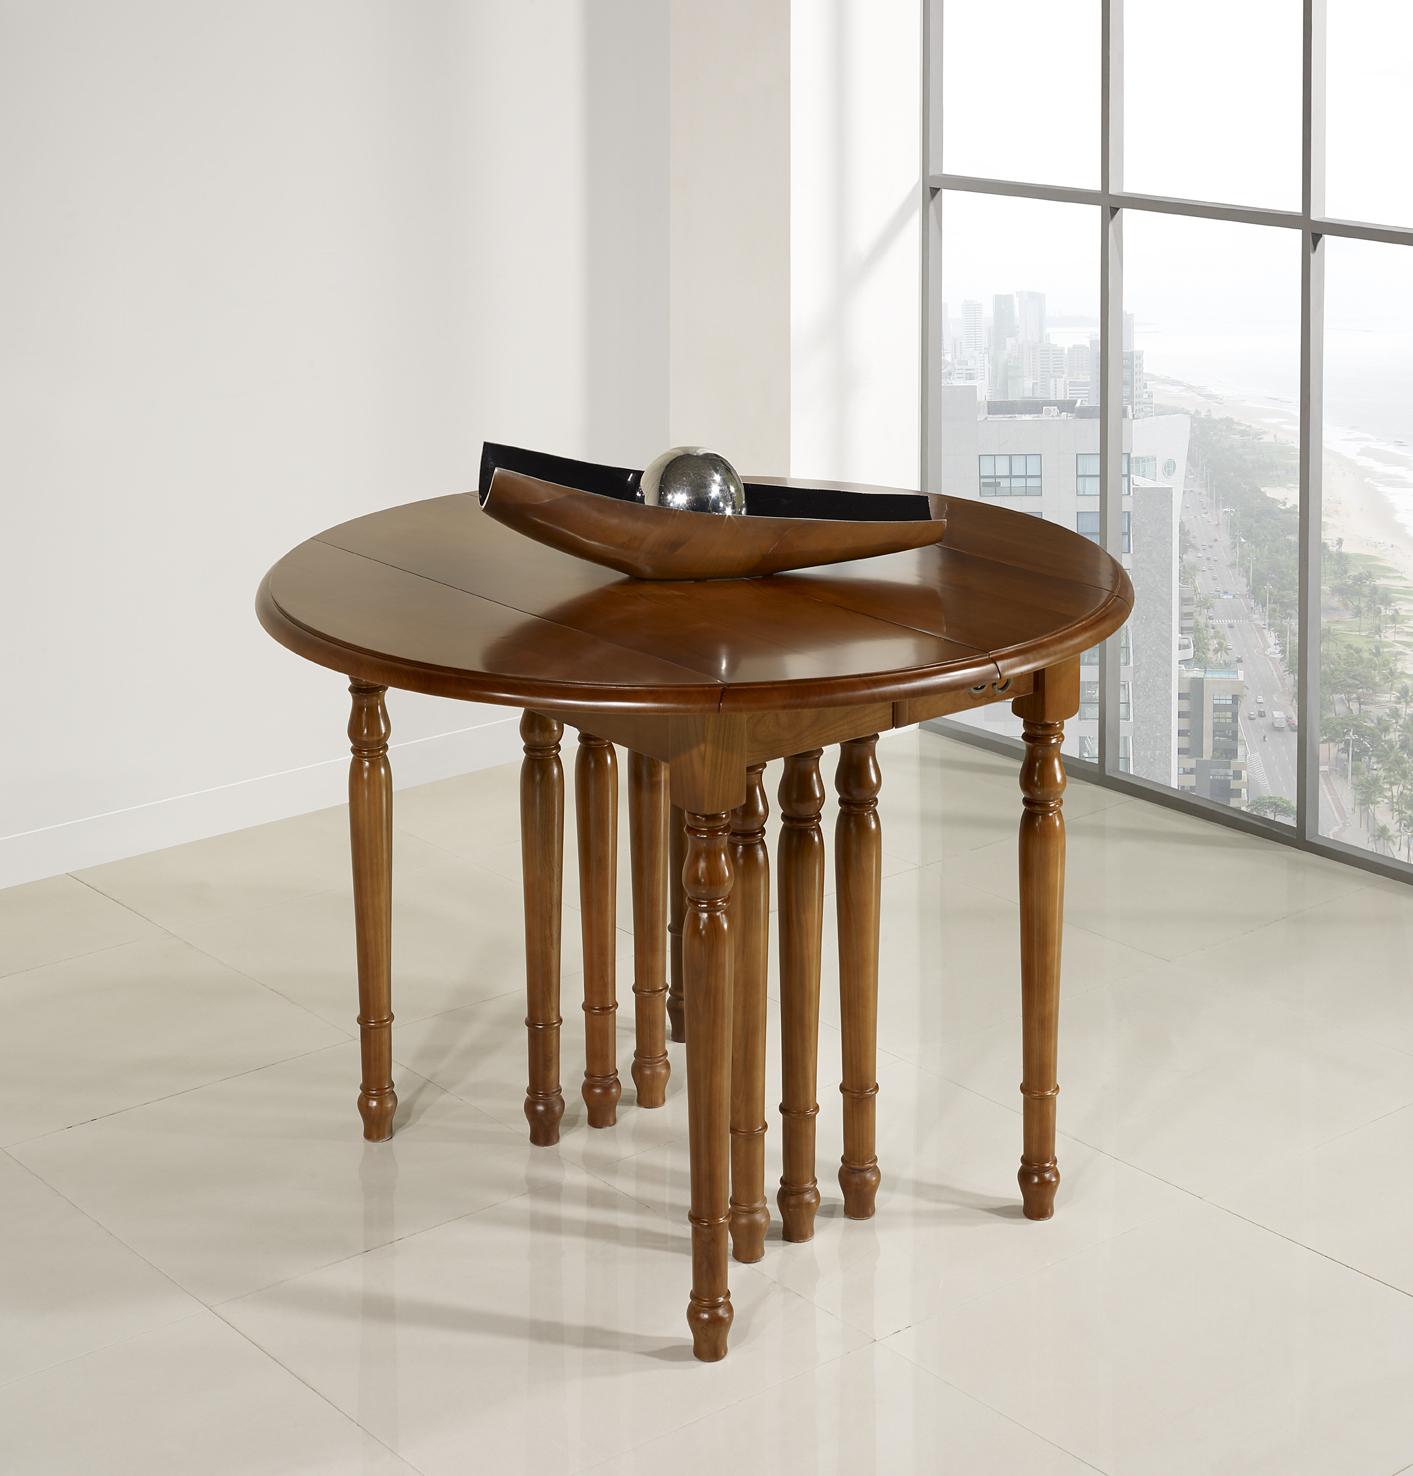 table ronde volets diametre 120 en merisier massif de style louis philippe 10 allonges de 40. Black Bedroom Furniture Sets. Home Design Ideas